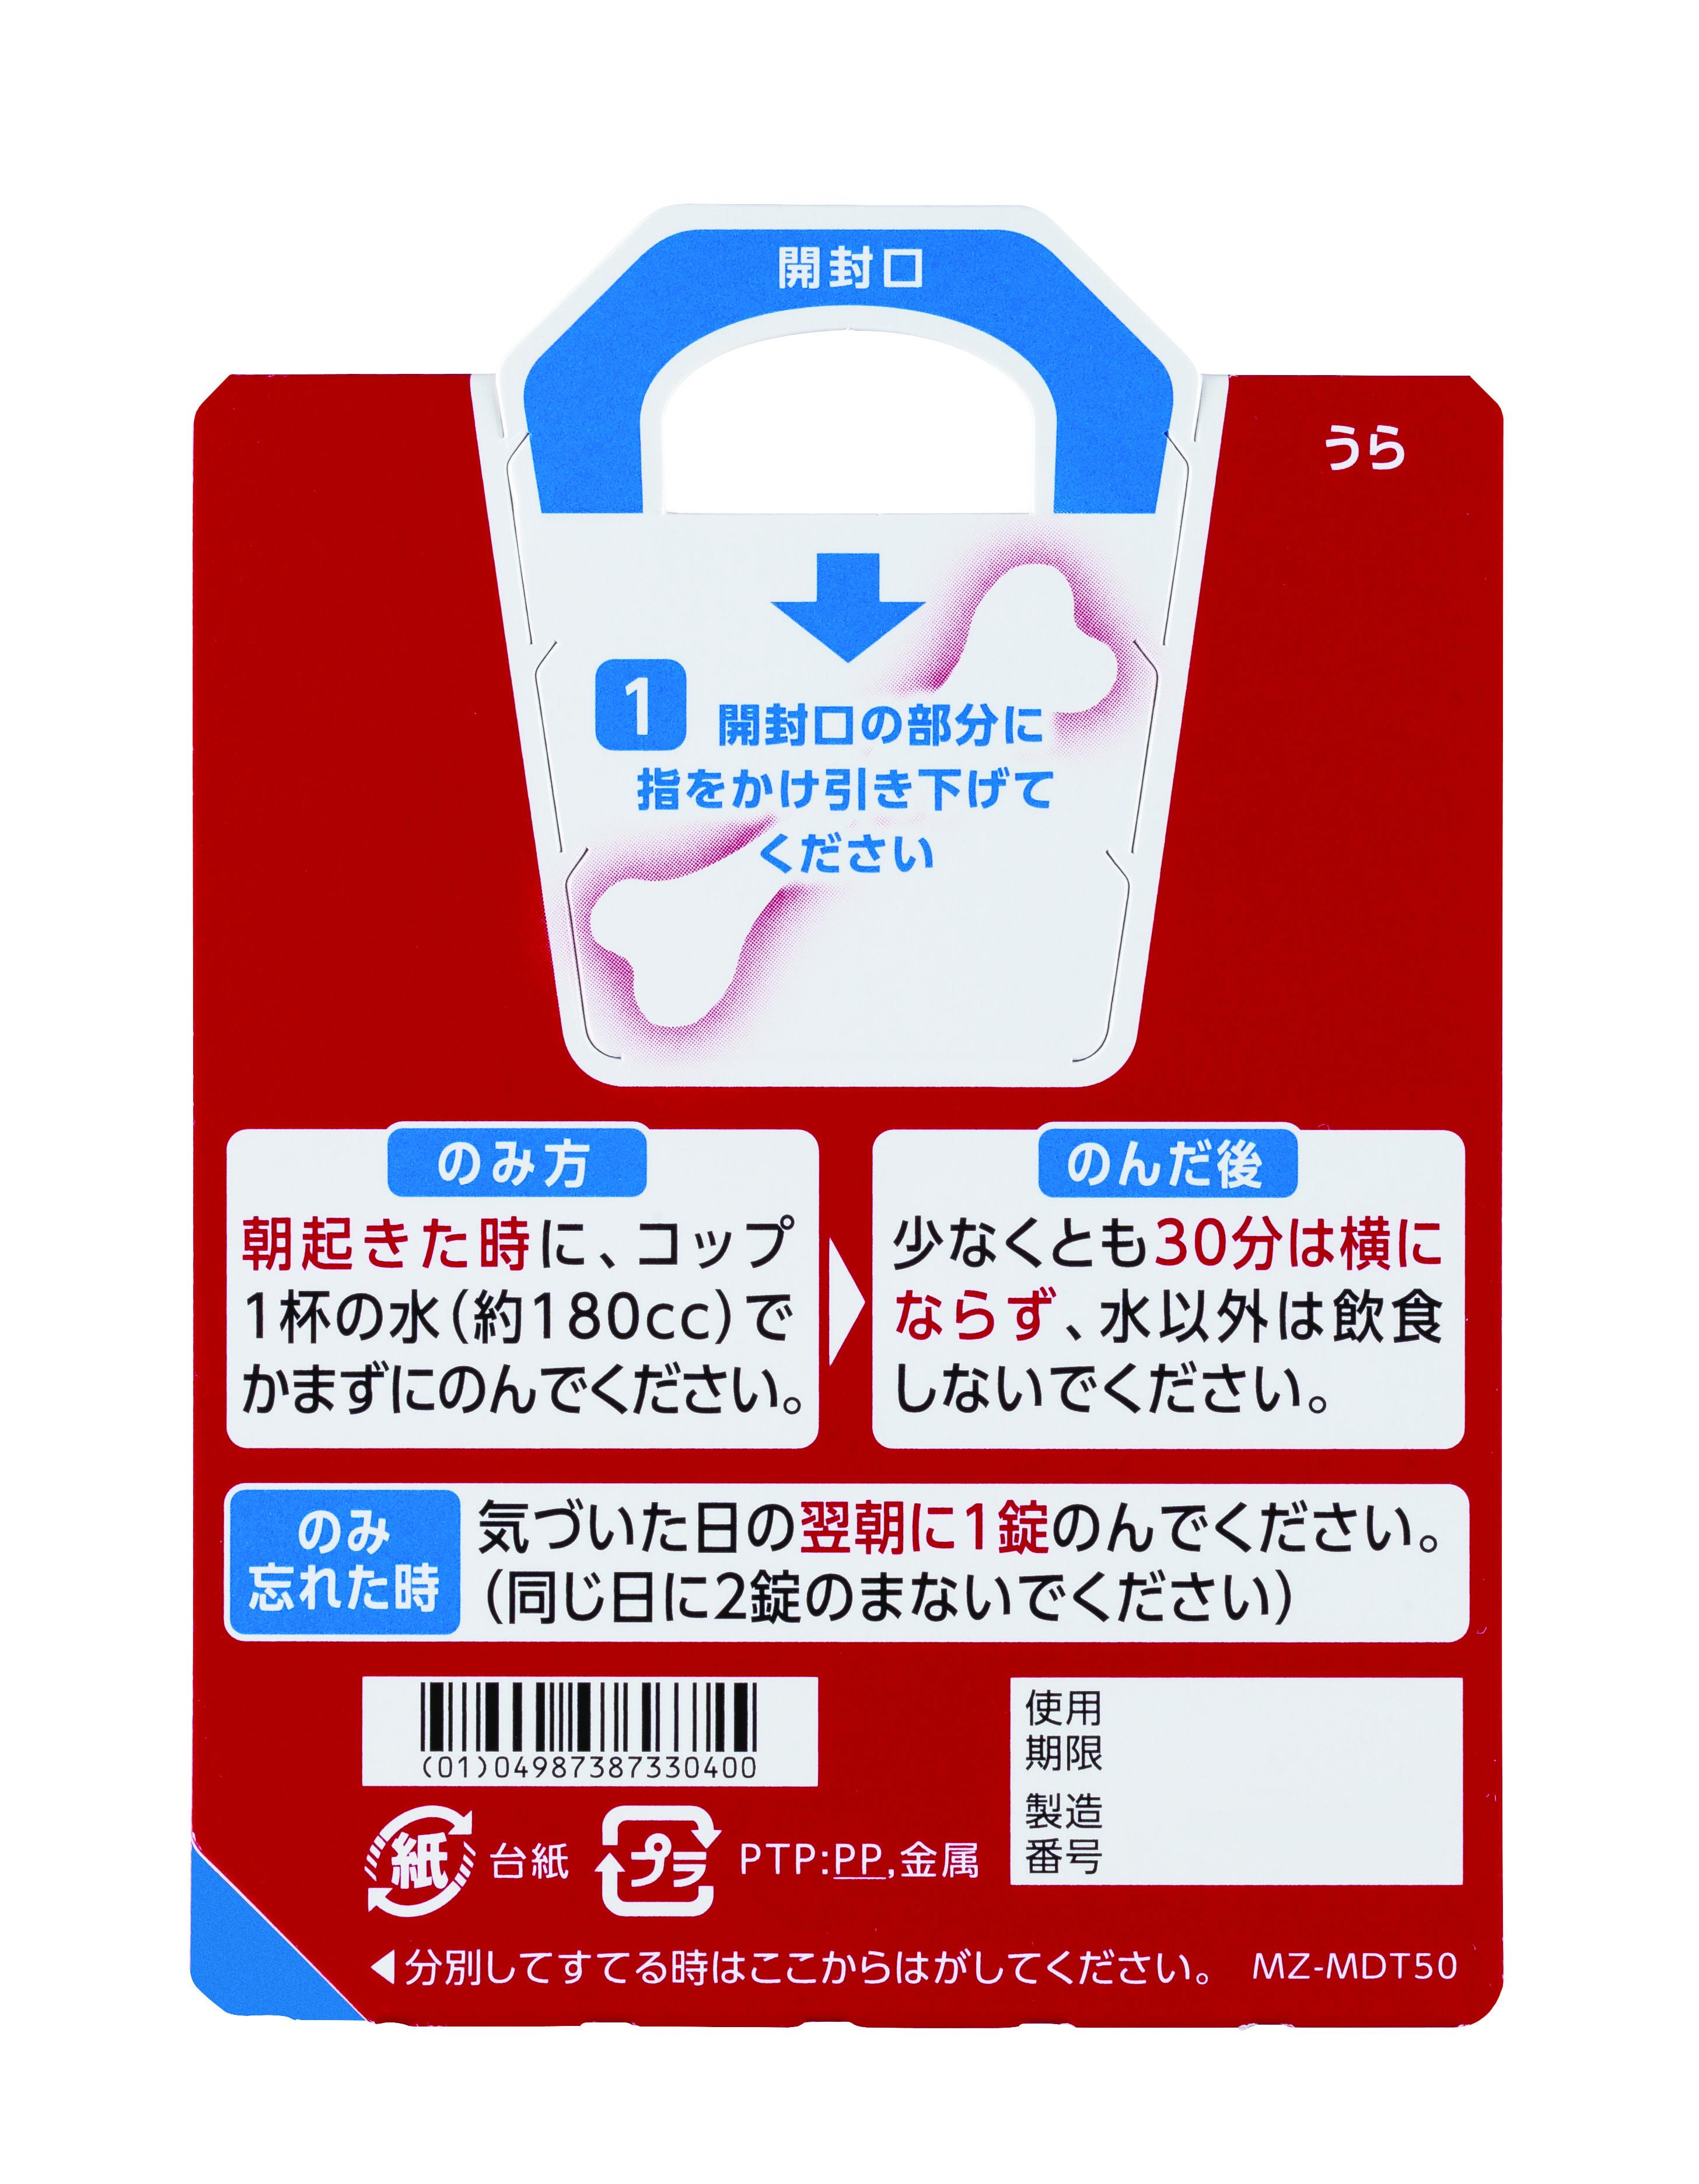 ミノドロン酸錠50mg「三笠」剤形写真_裏